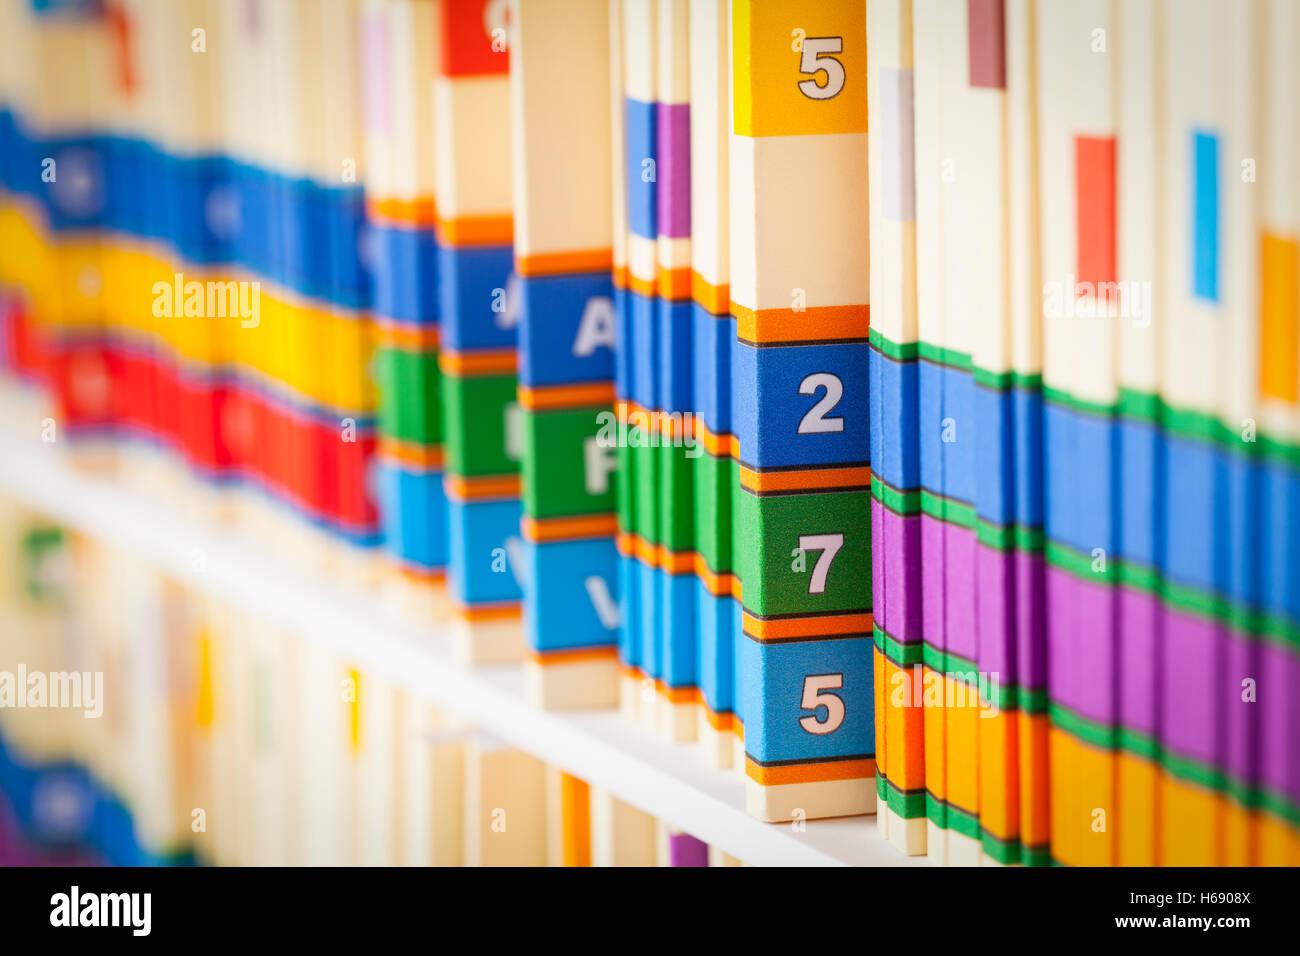 Ripiano di archivi medici in ufficio. Immagini Stock